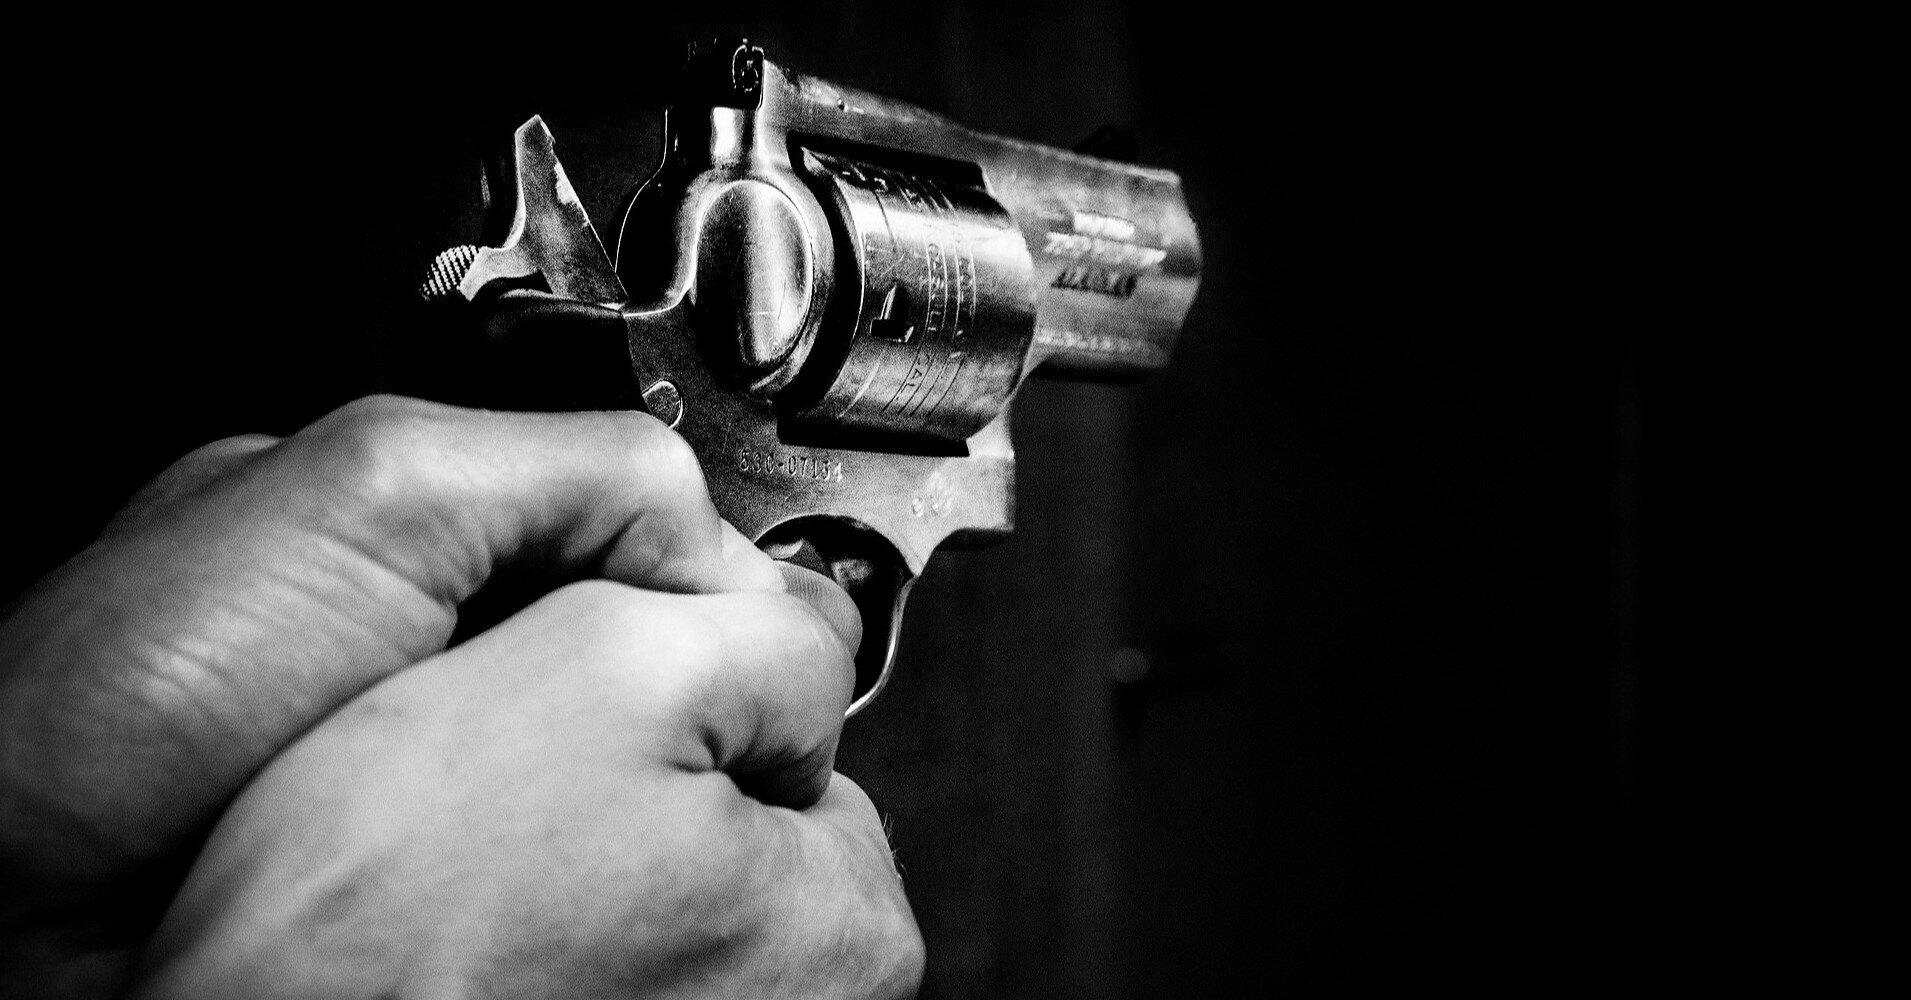 Второй случай за неделю: в Одесской области найден застреленным пограничник